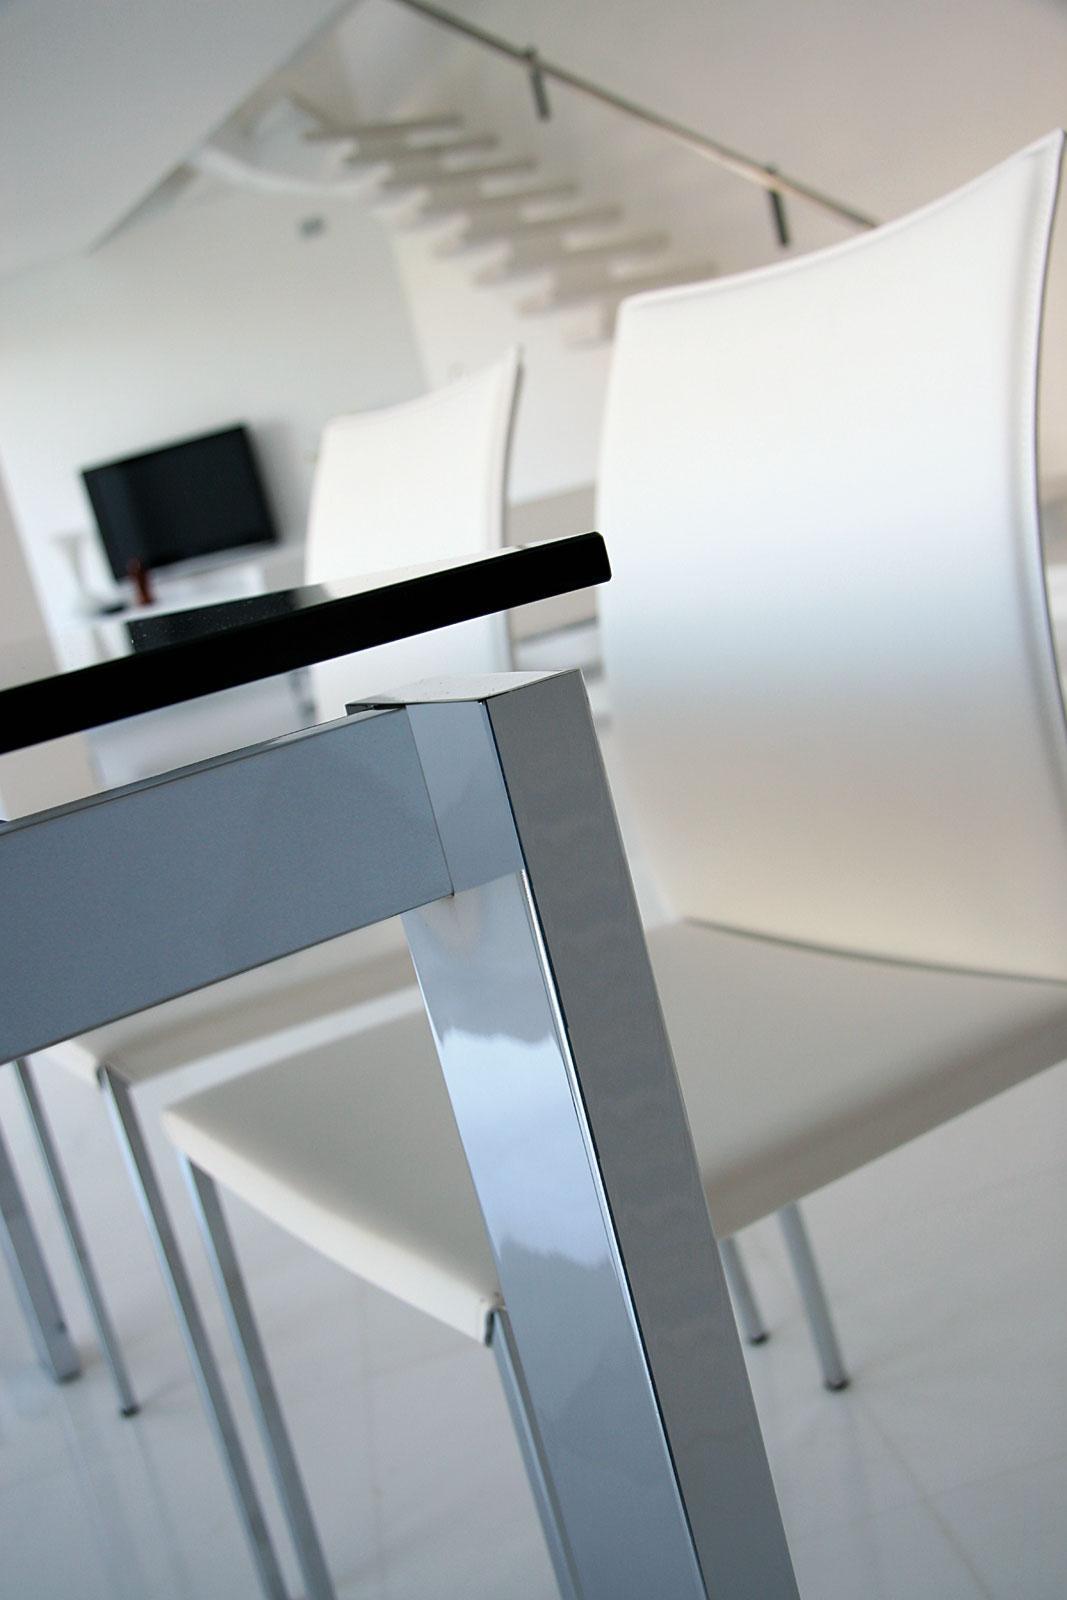 Bristol tavolo allungabile - Italy Dream Design